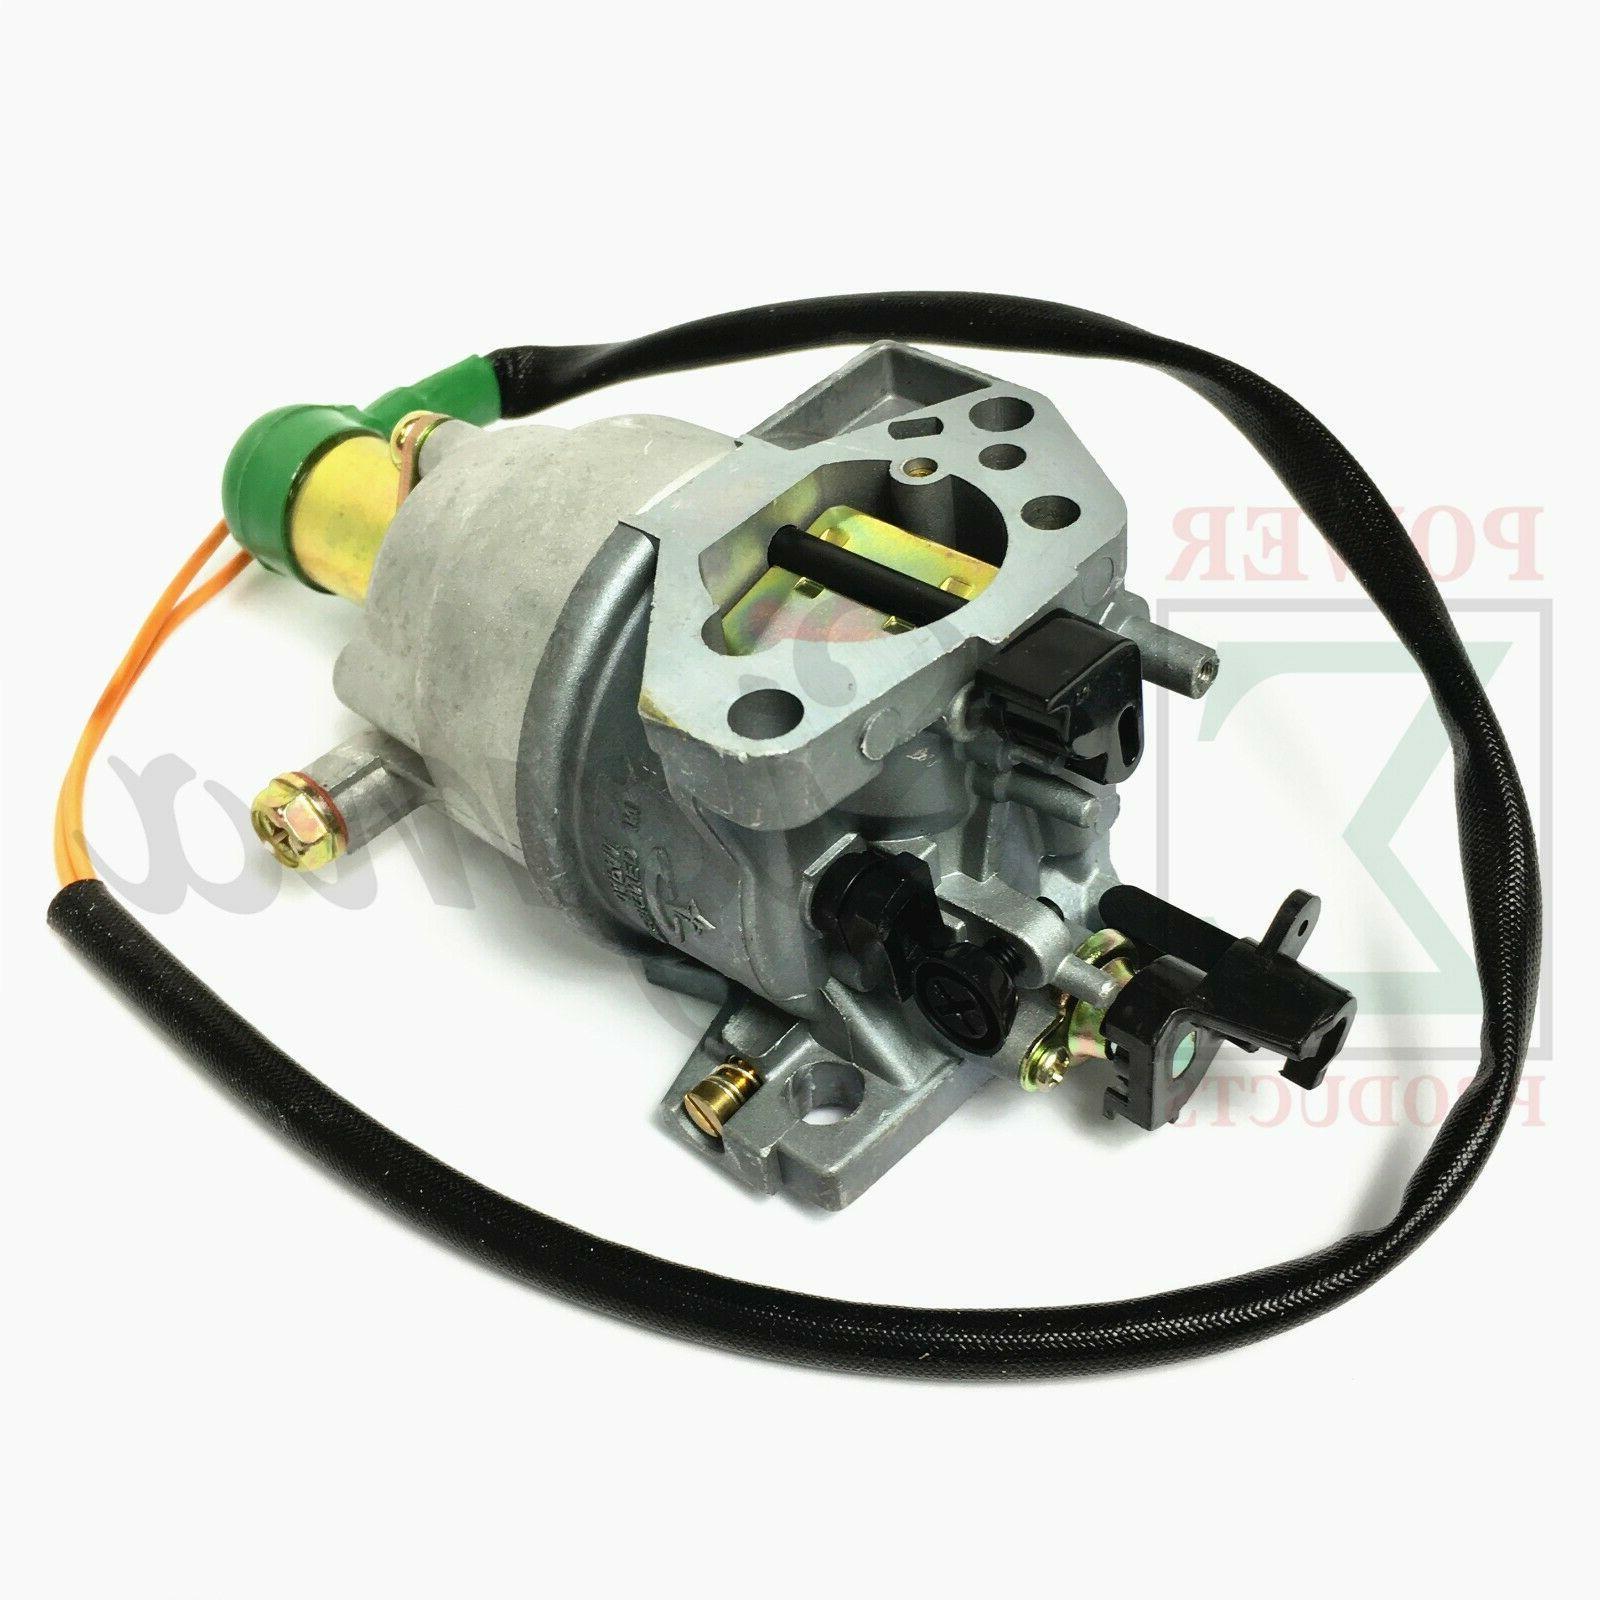 Manual Carburetor For Power APP6000 OHV13H Generator